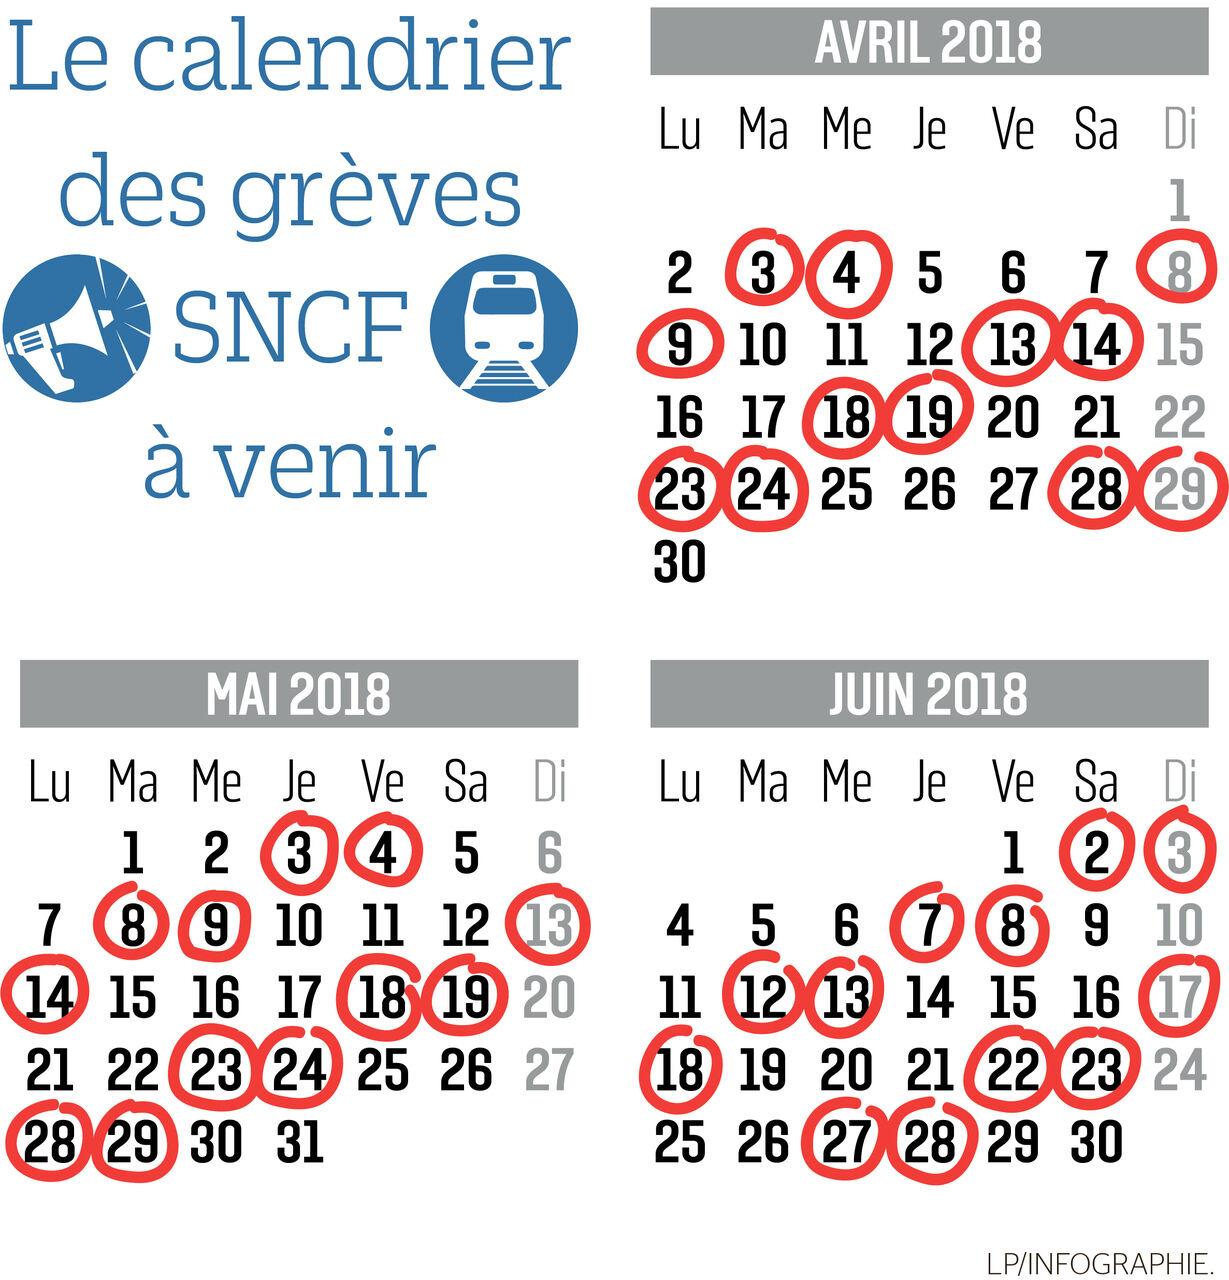 Calendrier Des Greves A La Sncf.Sncf Voici Les Jours De Greve Prevus Jusqu En Juin Le